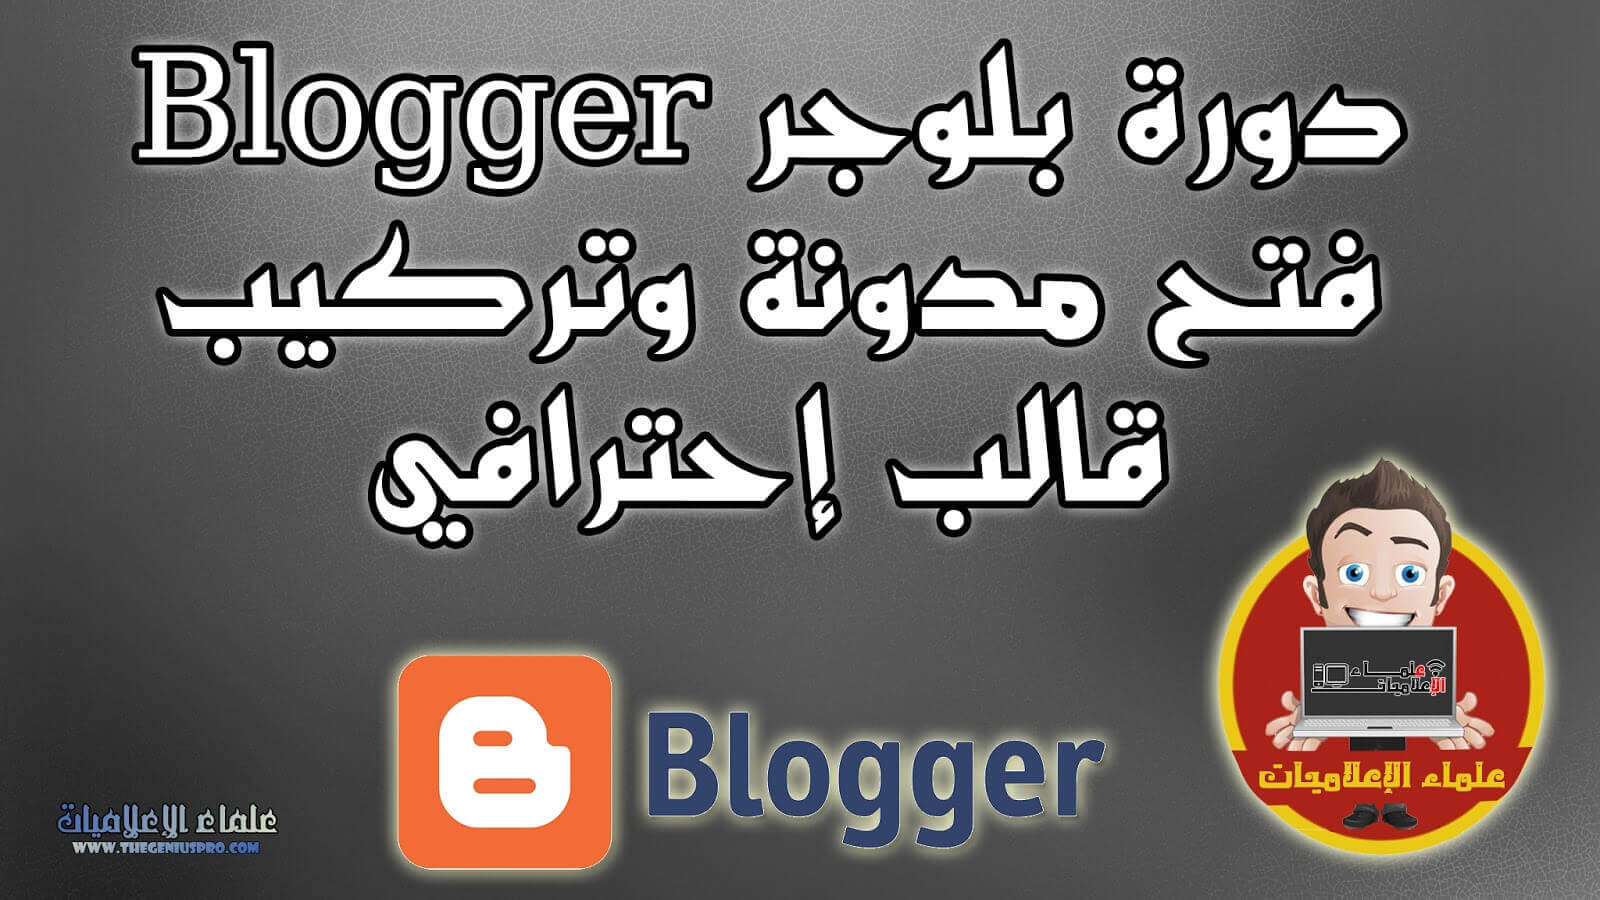 دورة بلوجر Blogger : فتح مدونة وتركيب قالب إحترافي